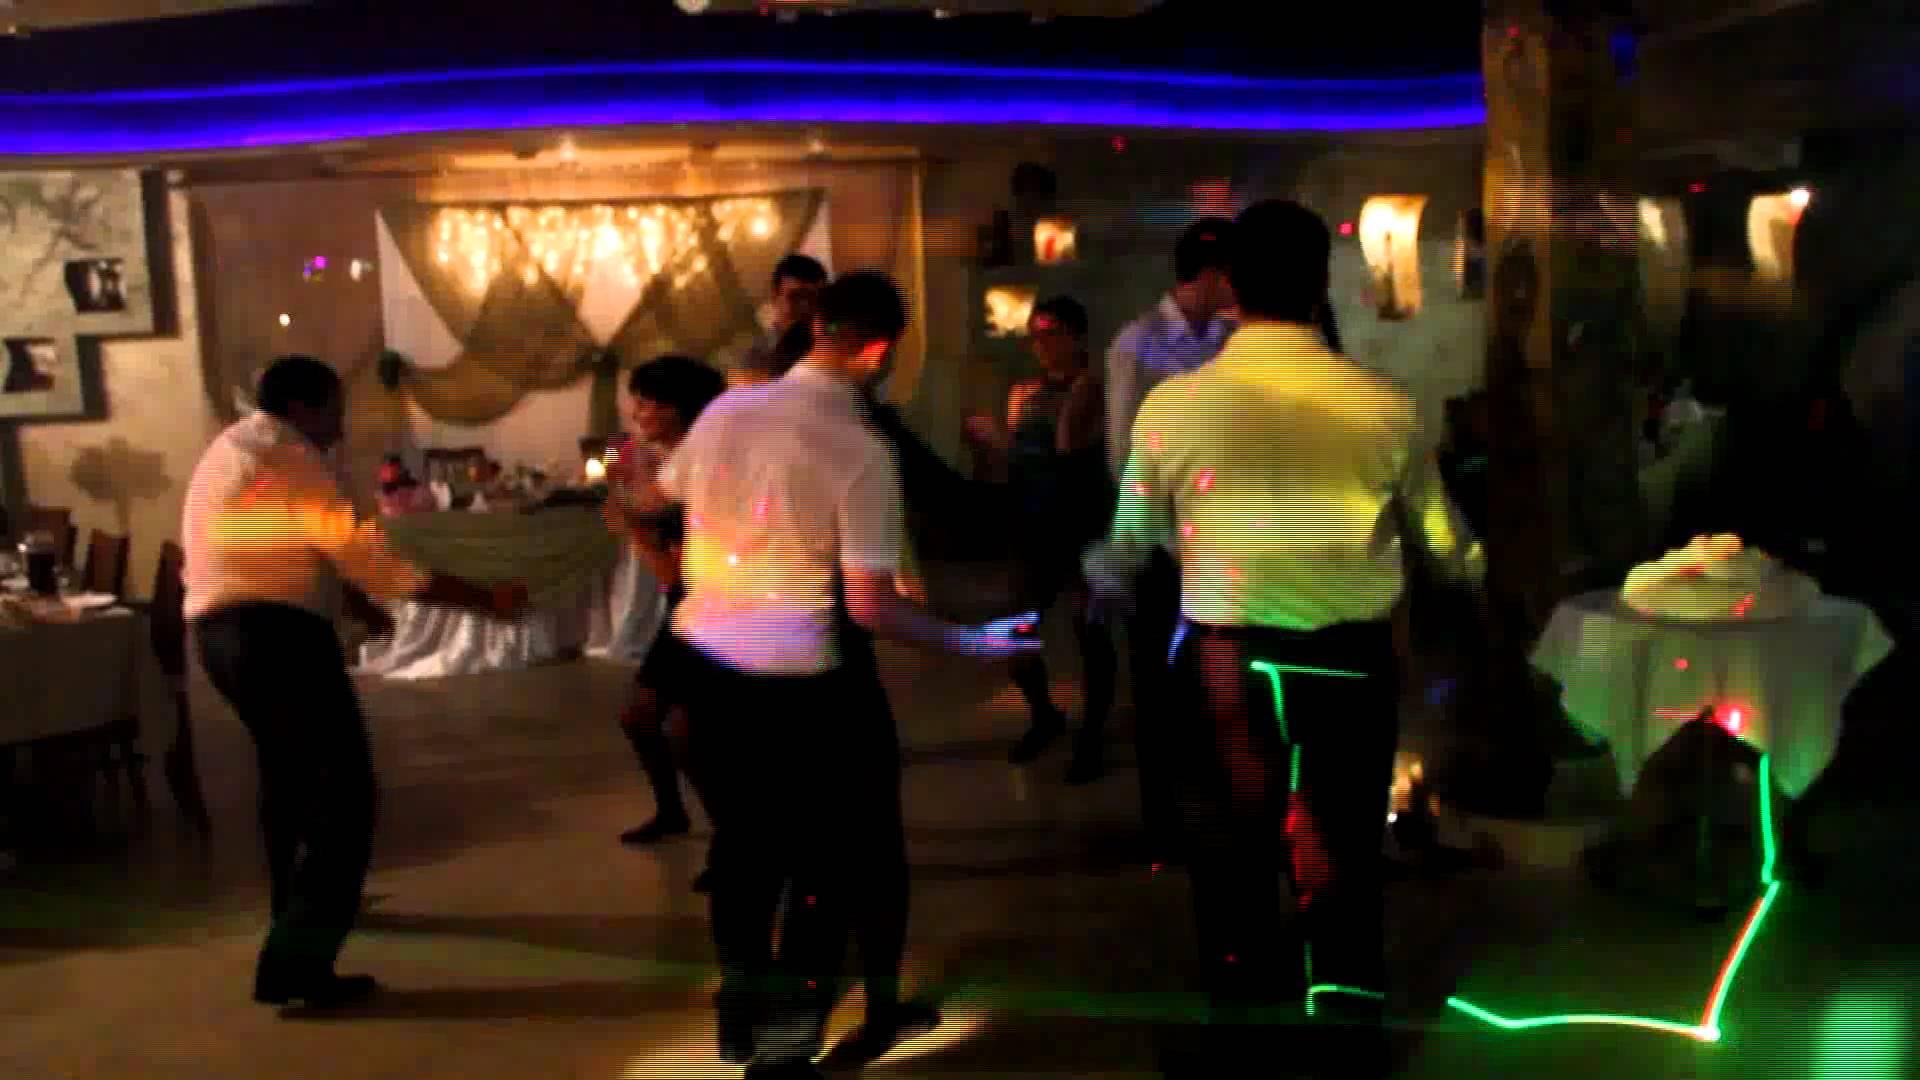 Сеть потрясло видео пьяных танцев известного депутата (видео)